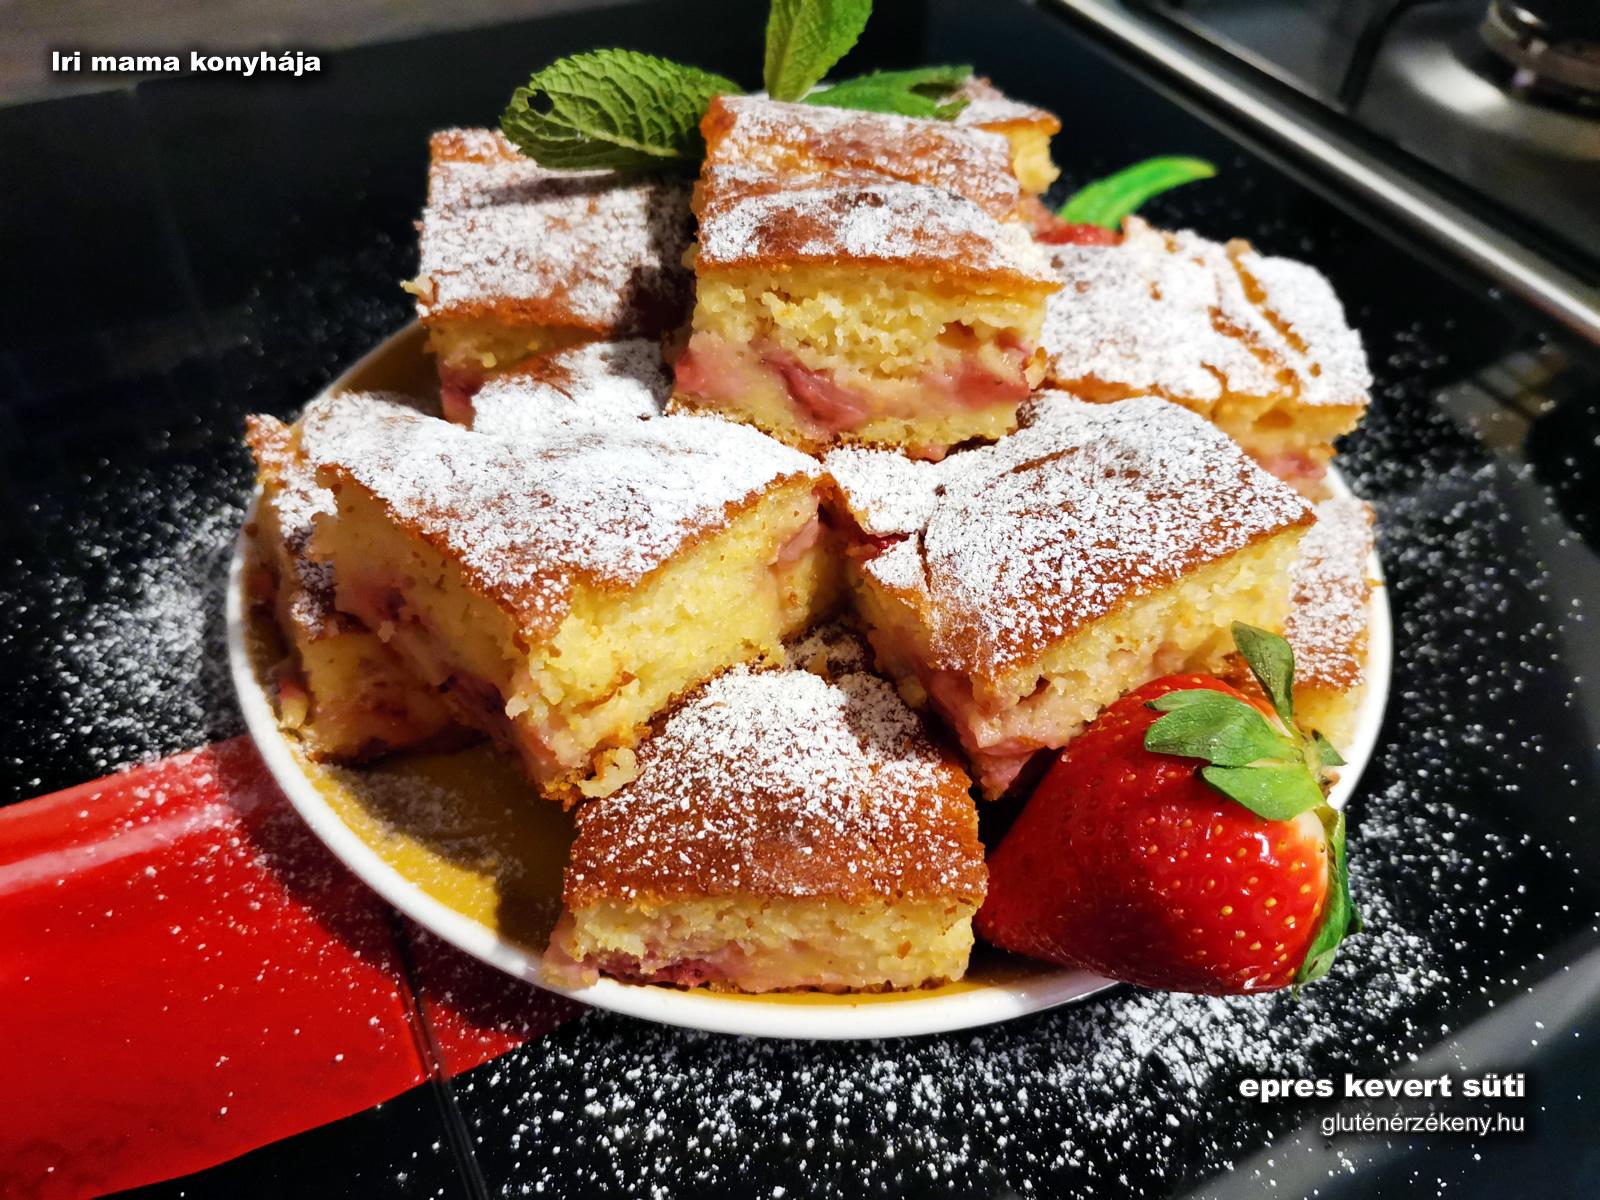 epres gluténmentes kevert süti recept